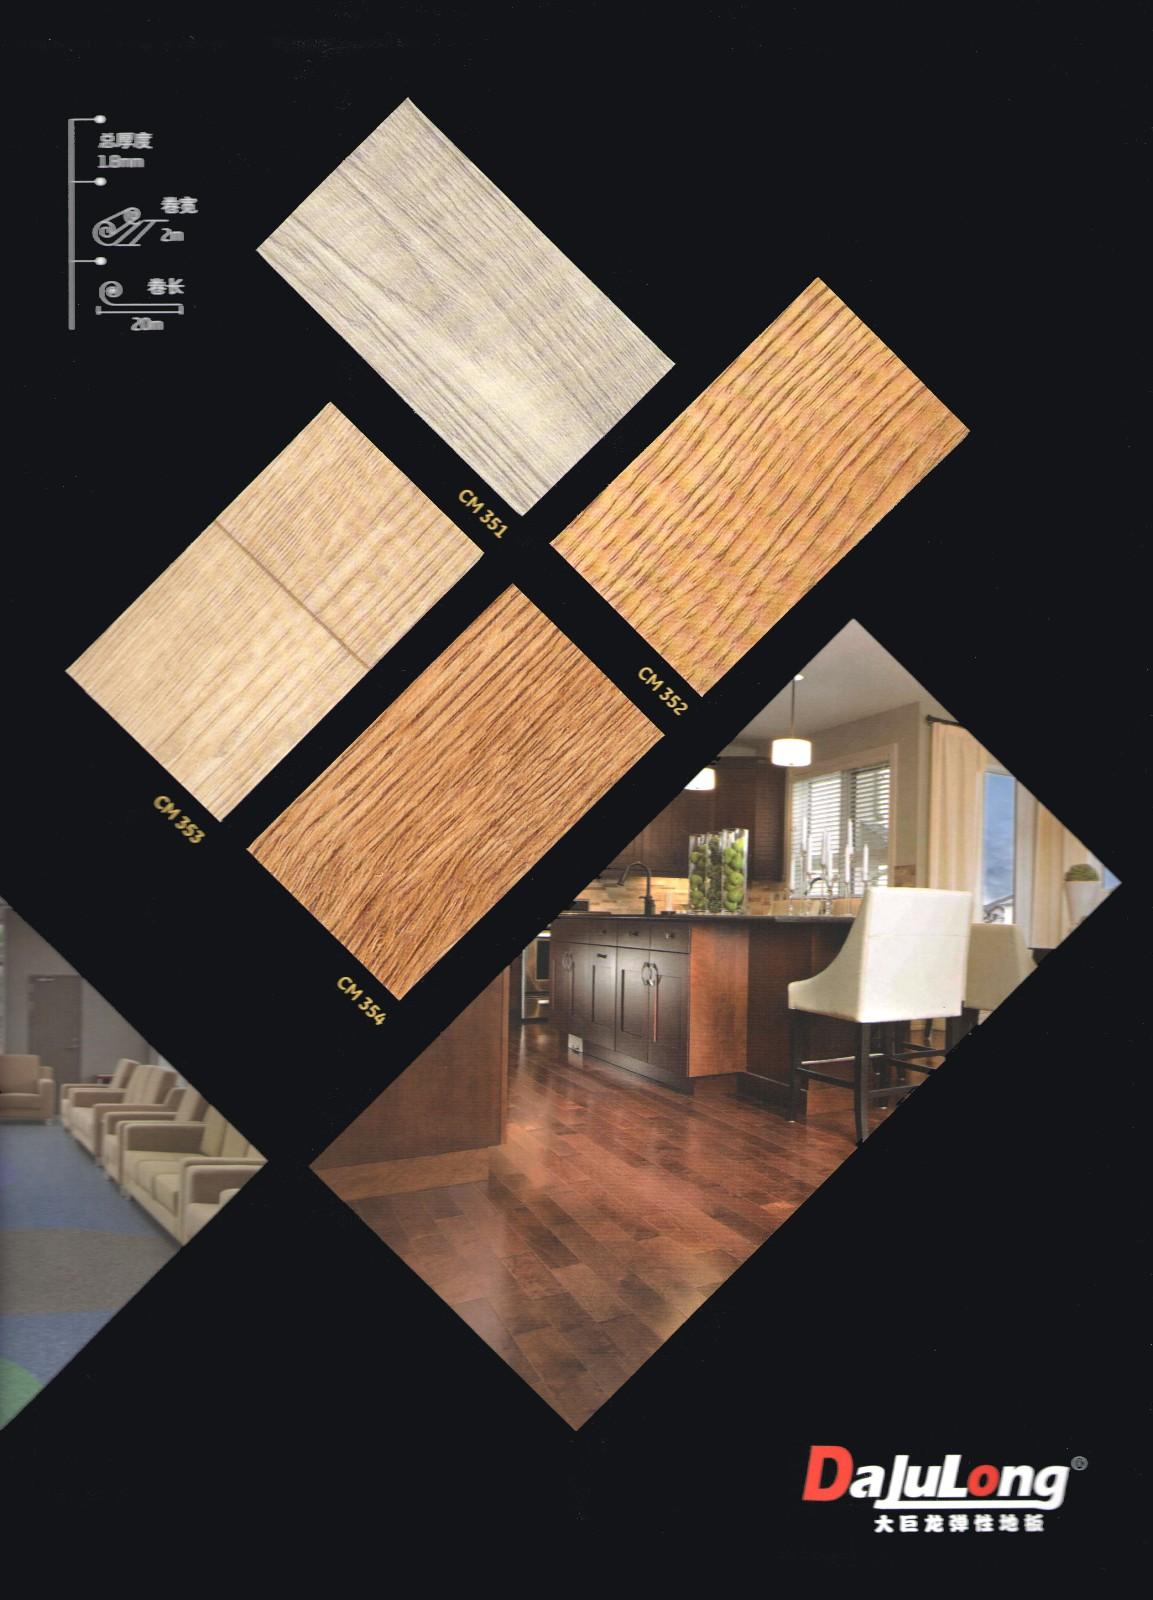 大巨龙耐特龙PVC地板|大巨龙系列-陕西棋牌挣钱建材有限责任公司